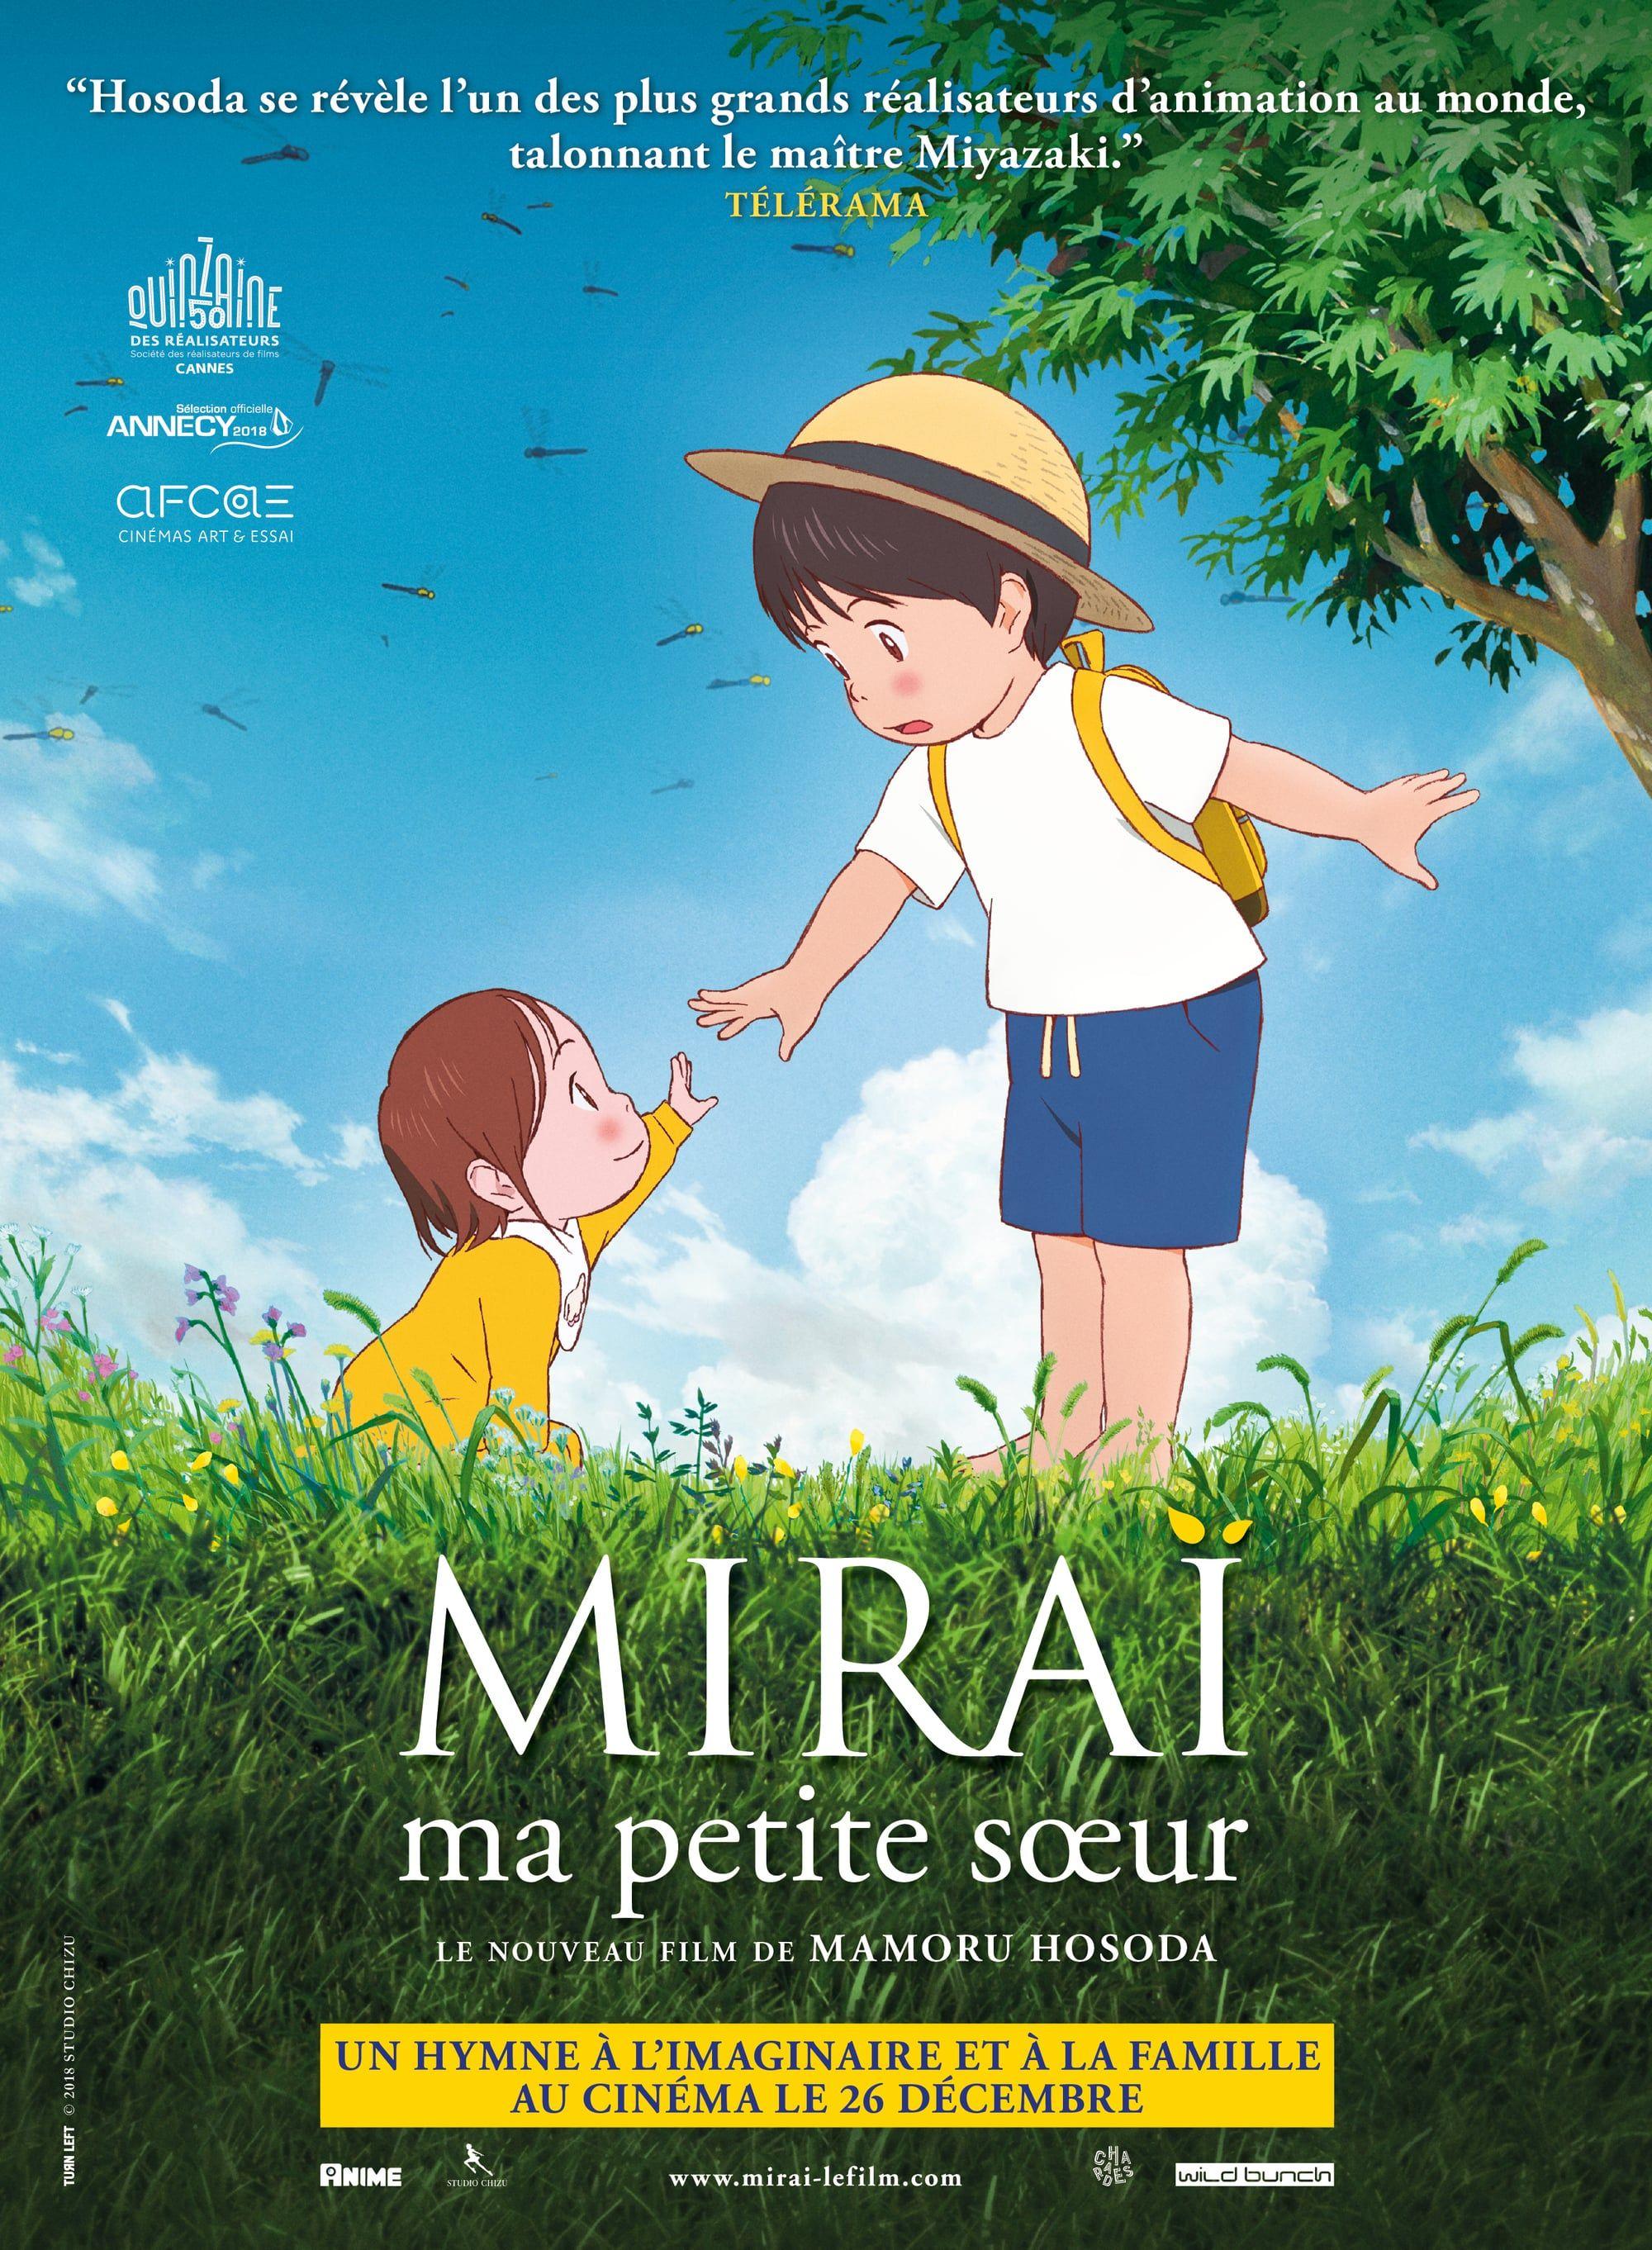 Katso Mirai Koko Elokuva 1080p Anime Movies Anime Films Japanese Animated Movies